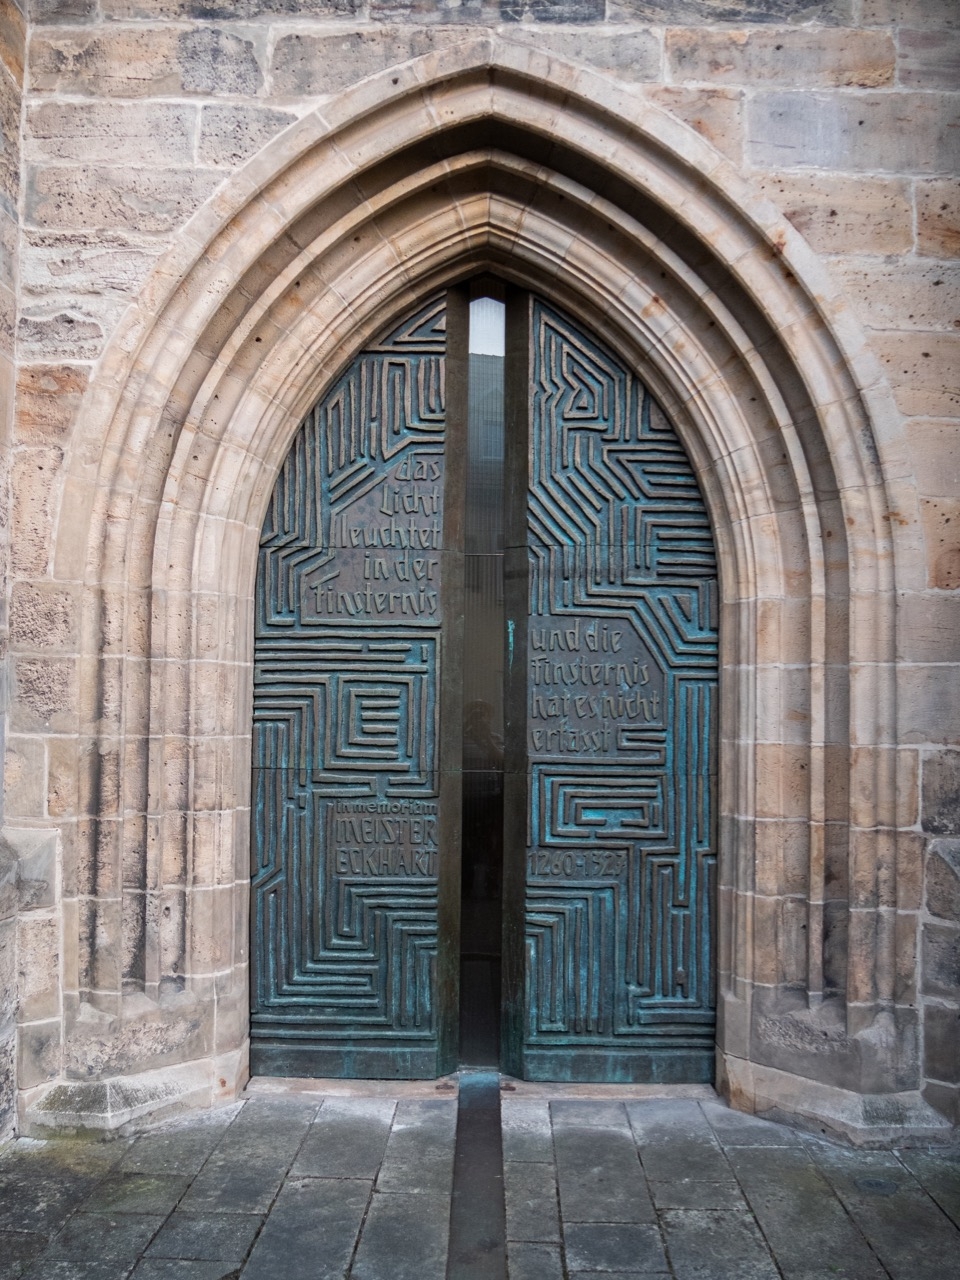 Nordportal zur Erinnerung an Meister Eckhart